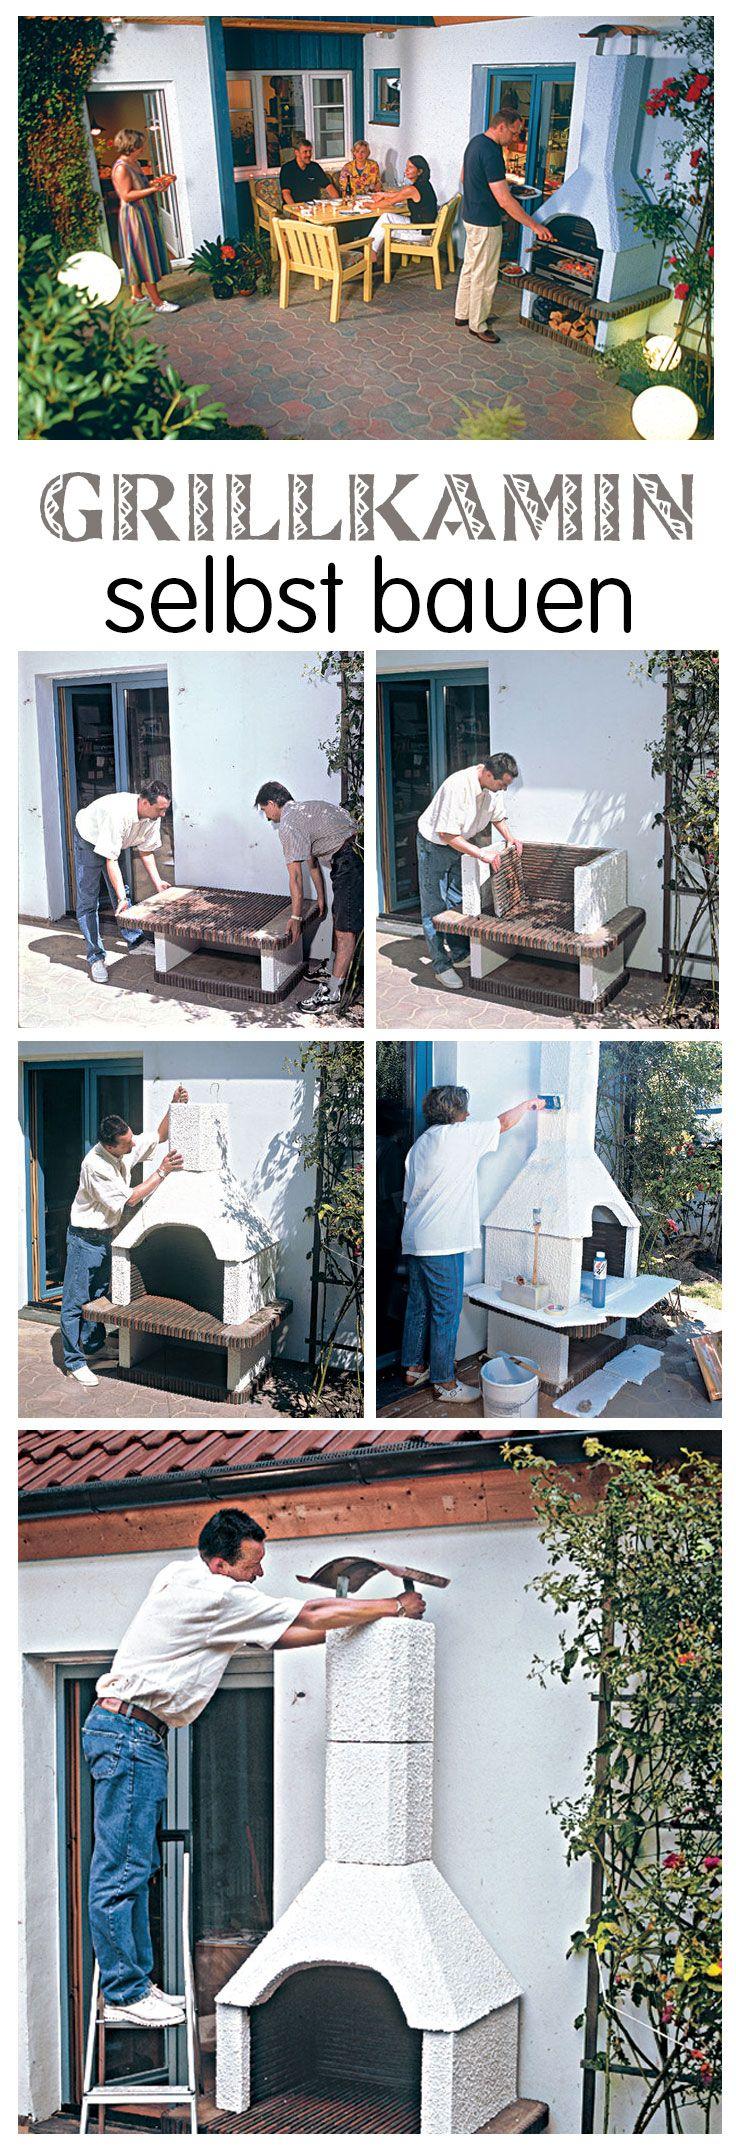 die besten 25 grillkamin selber bauen ideen auf pinterest kamin selber bauen selber bauen. Black Bedroom Furniture Sets. Home Design Ideas